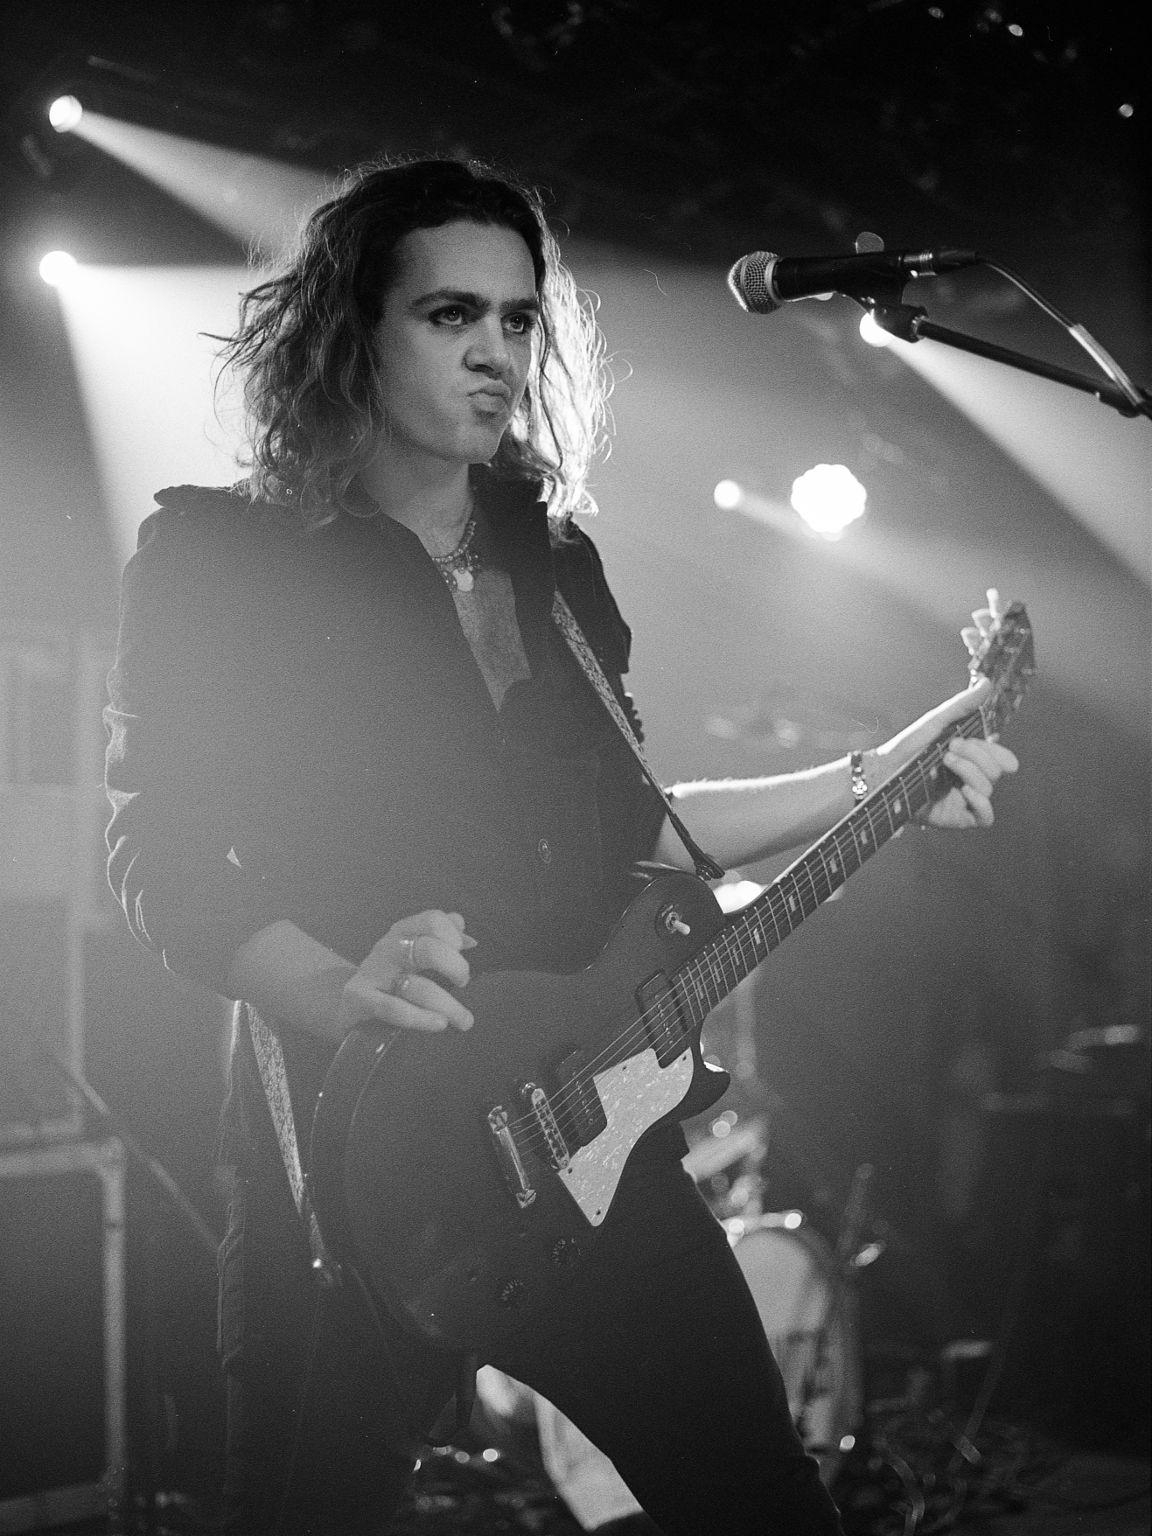 argentique guitariste the struts musique